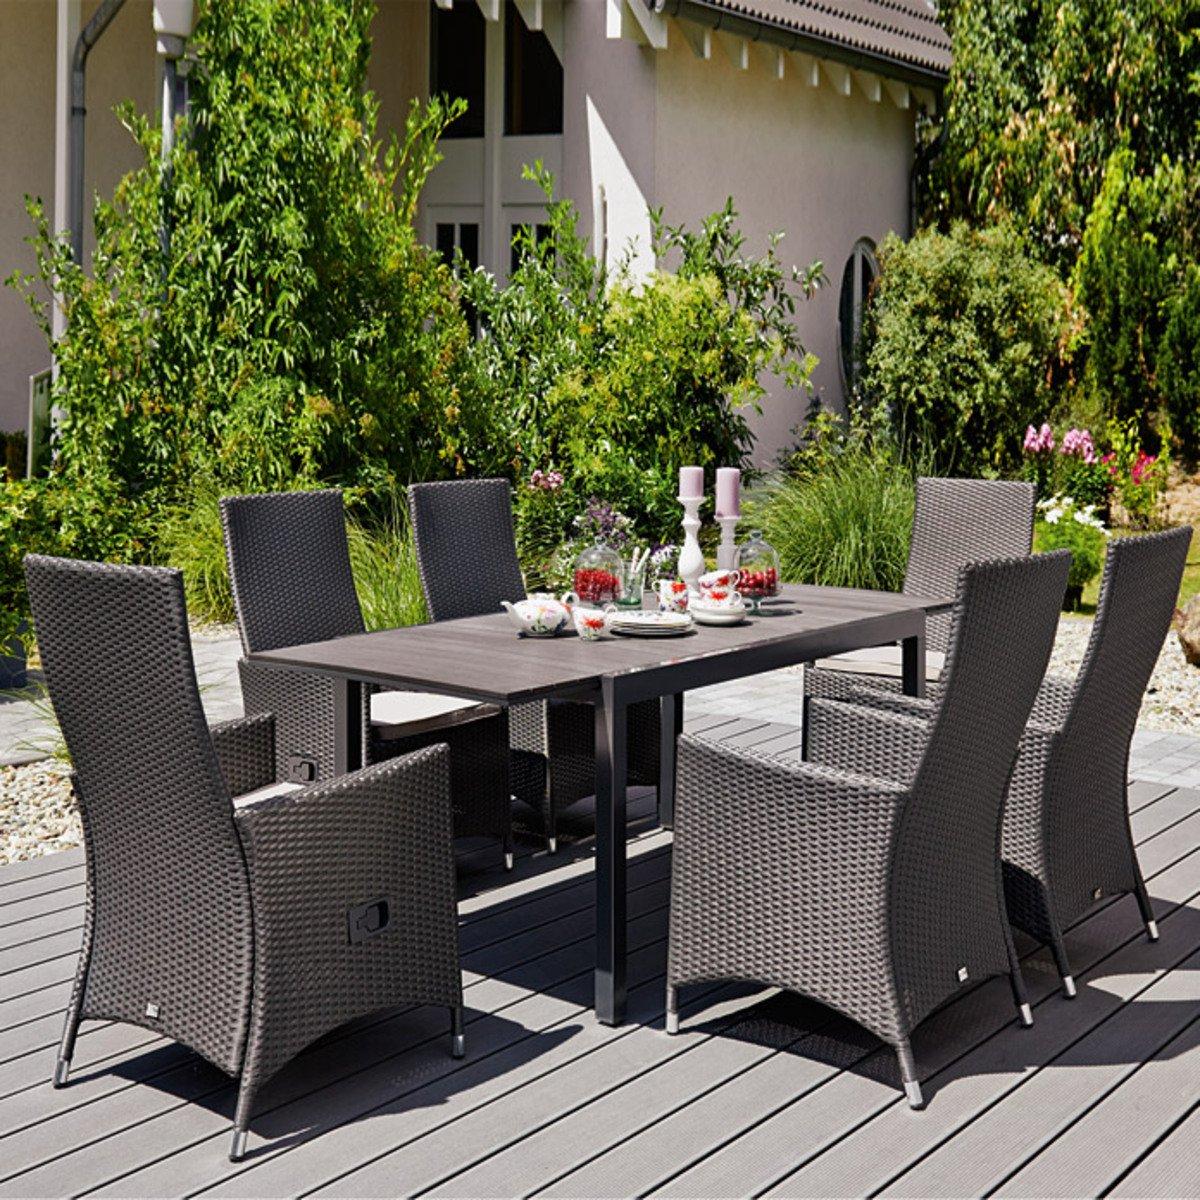 Full Size of Bauhaus Liegestuhl Design Garten Holz Kinder Klapp Auflage Relax Relaxstuhl Besteckeinsatz Nach Moder Kunststoff Fenster Wohnzimmer Bauhaus Liegestuhl